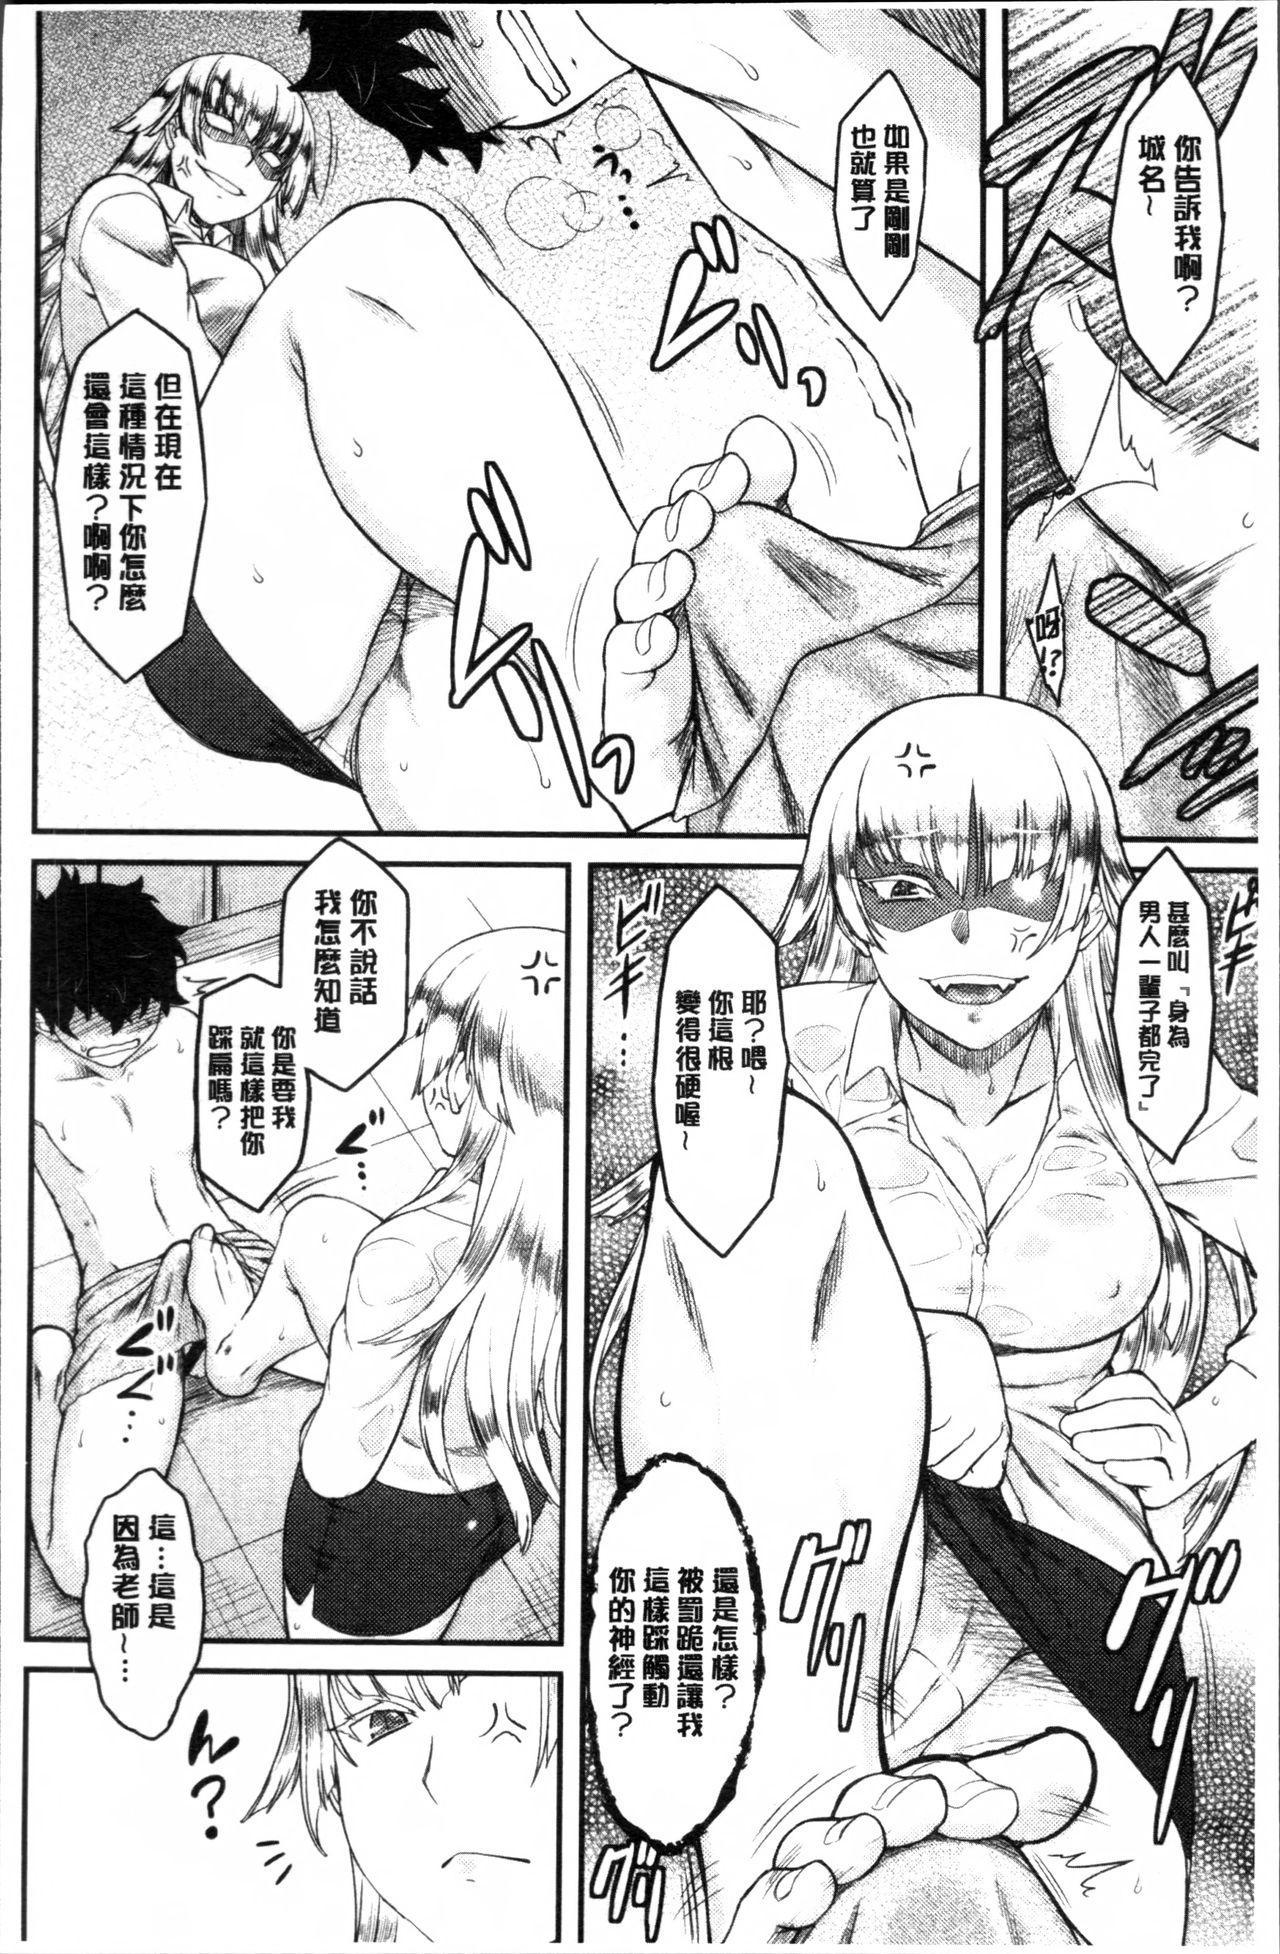 Hatsukoi Splash! 48